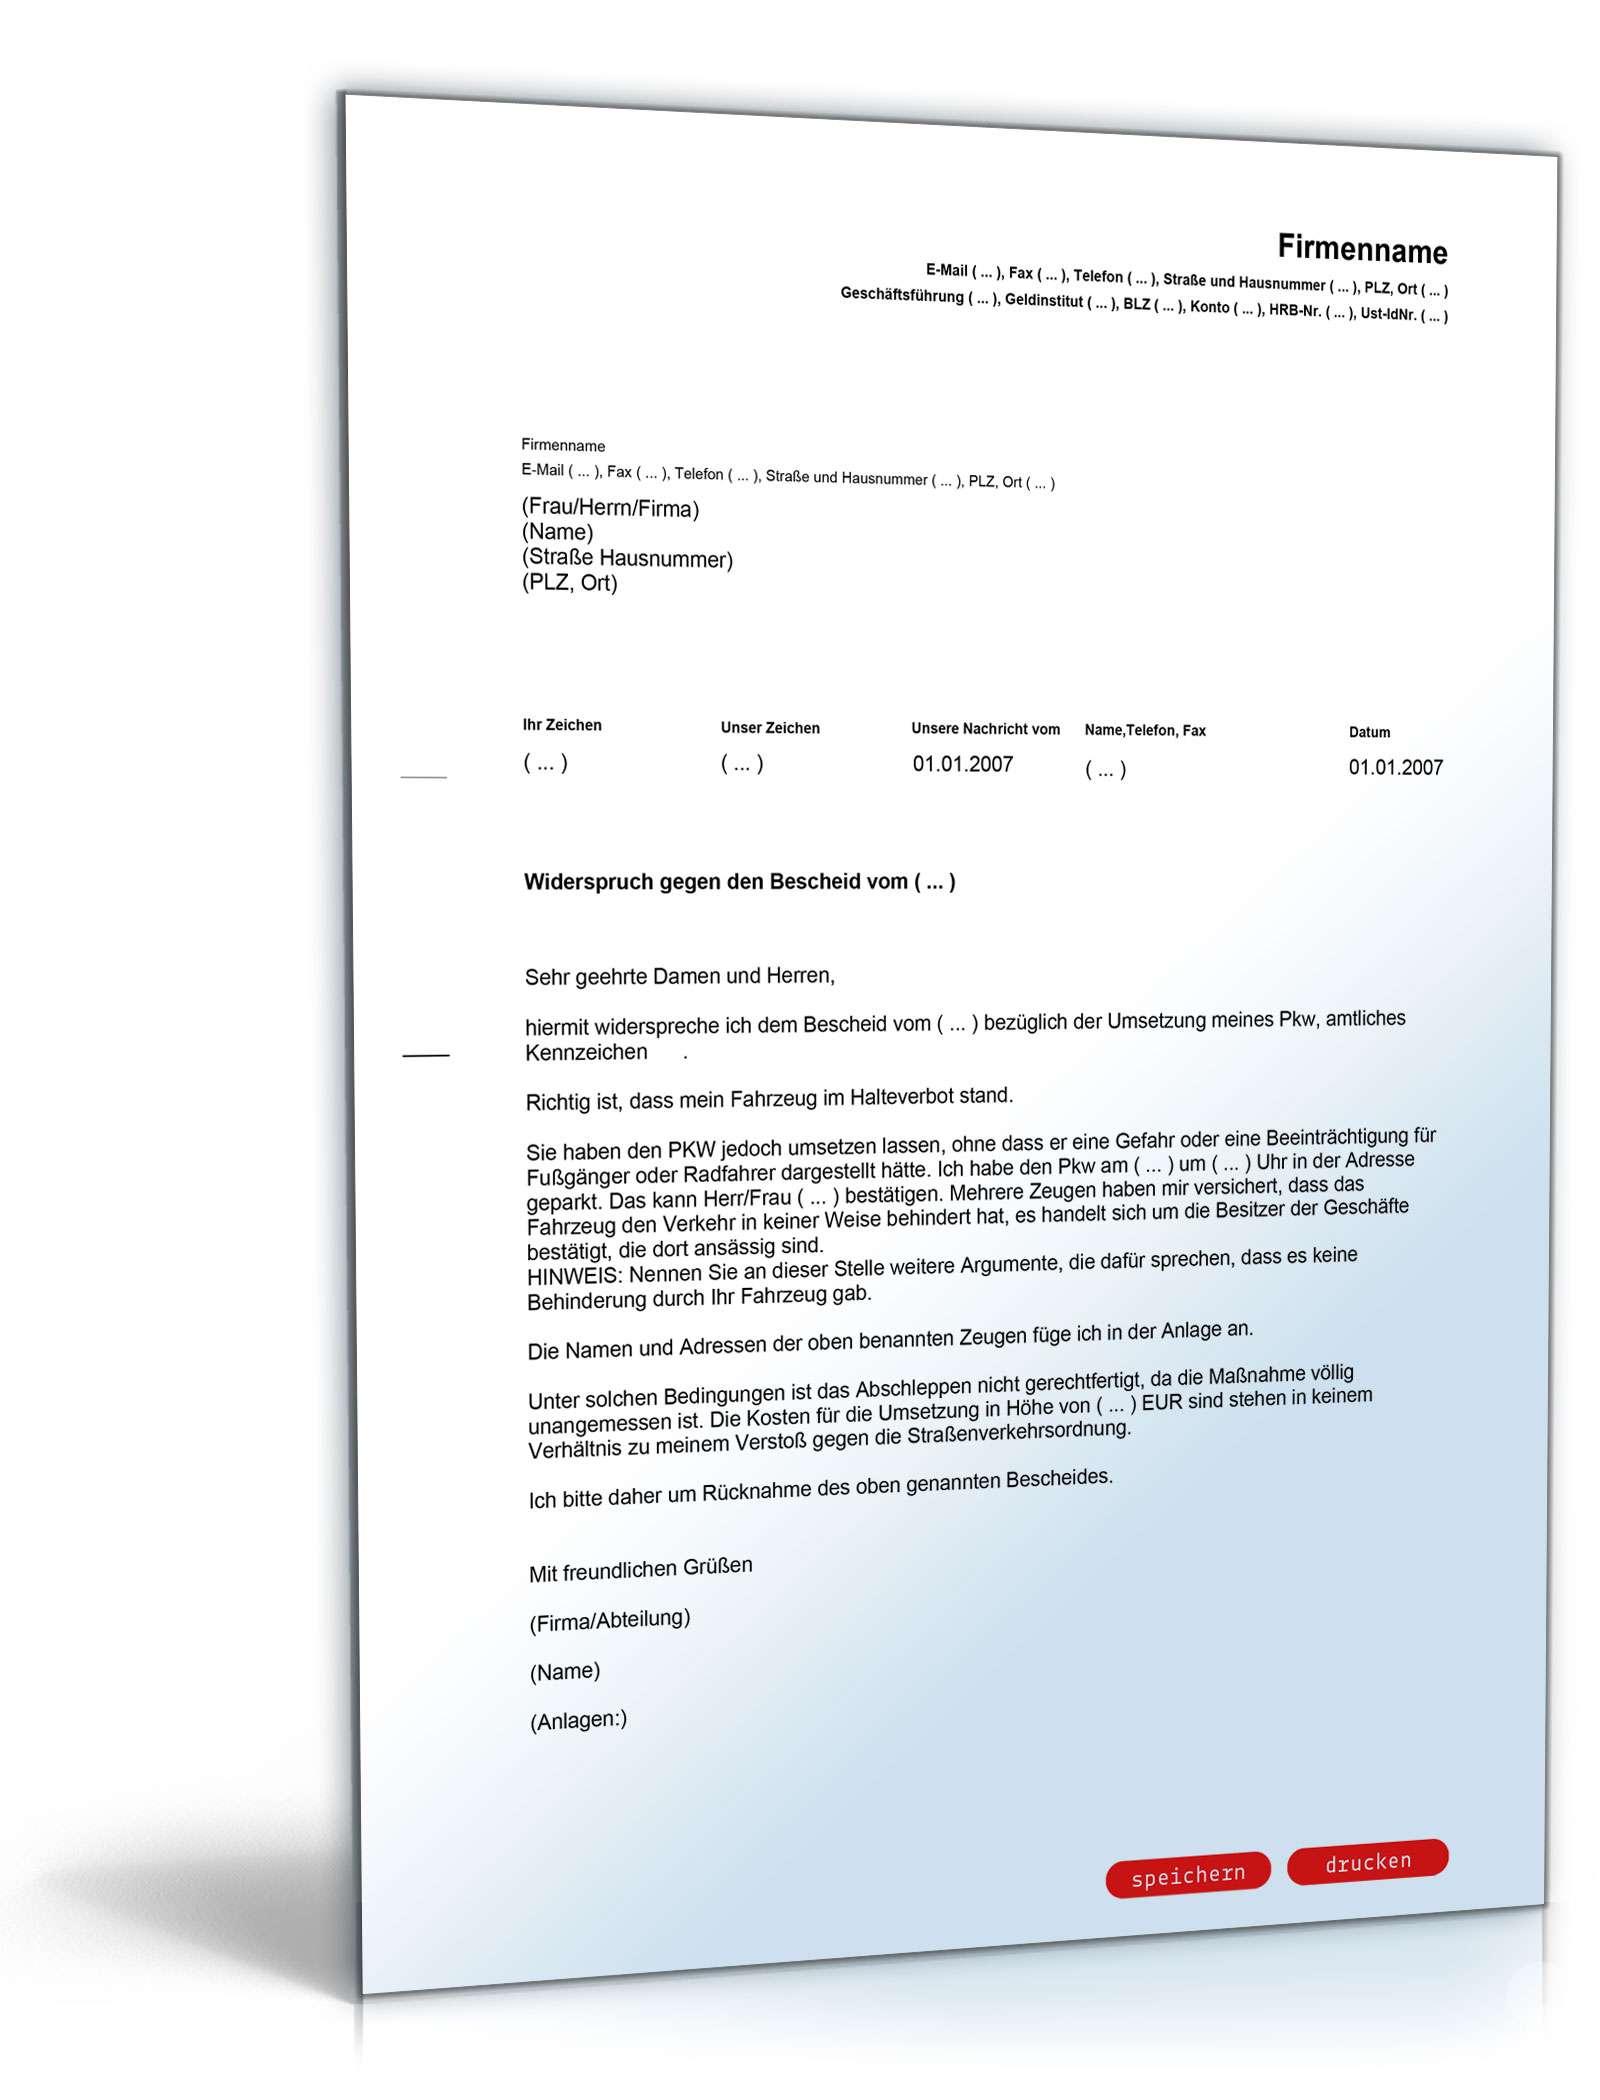 Musterbriefe Widerspruch Einlegen : Widerspruch abschleppen pkw vorlage zum download